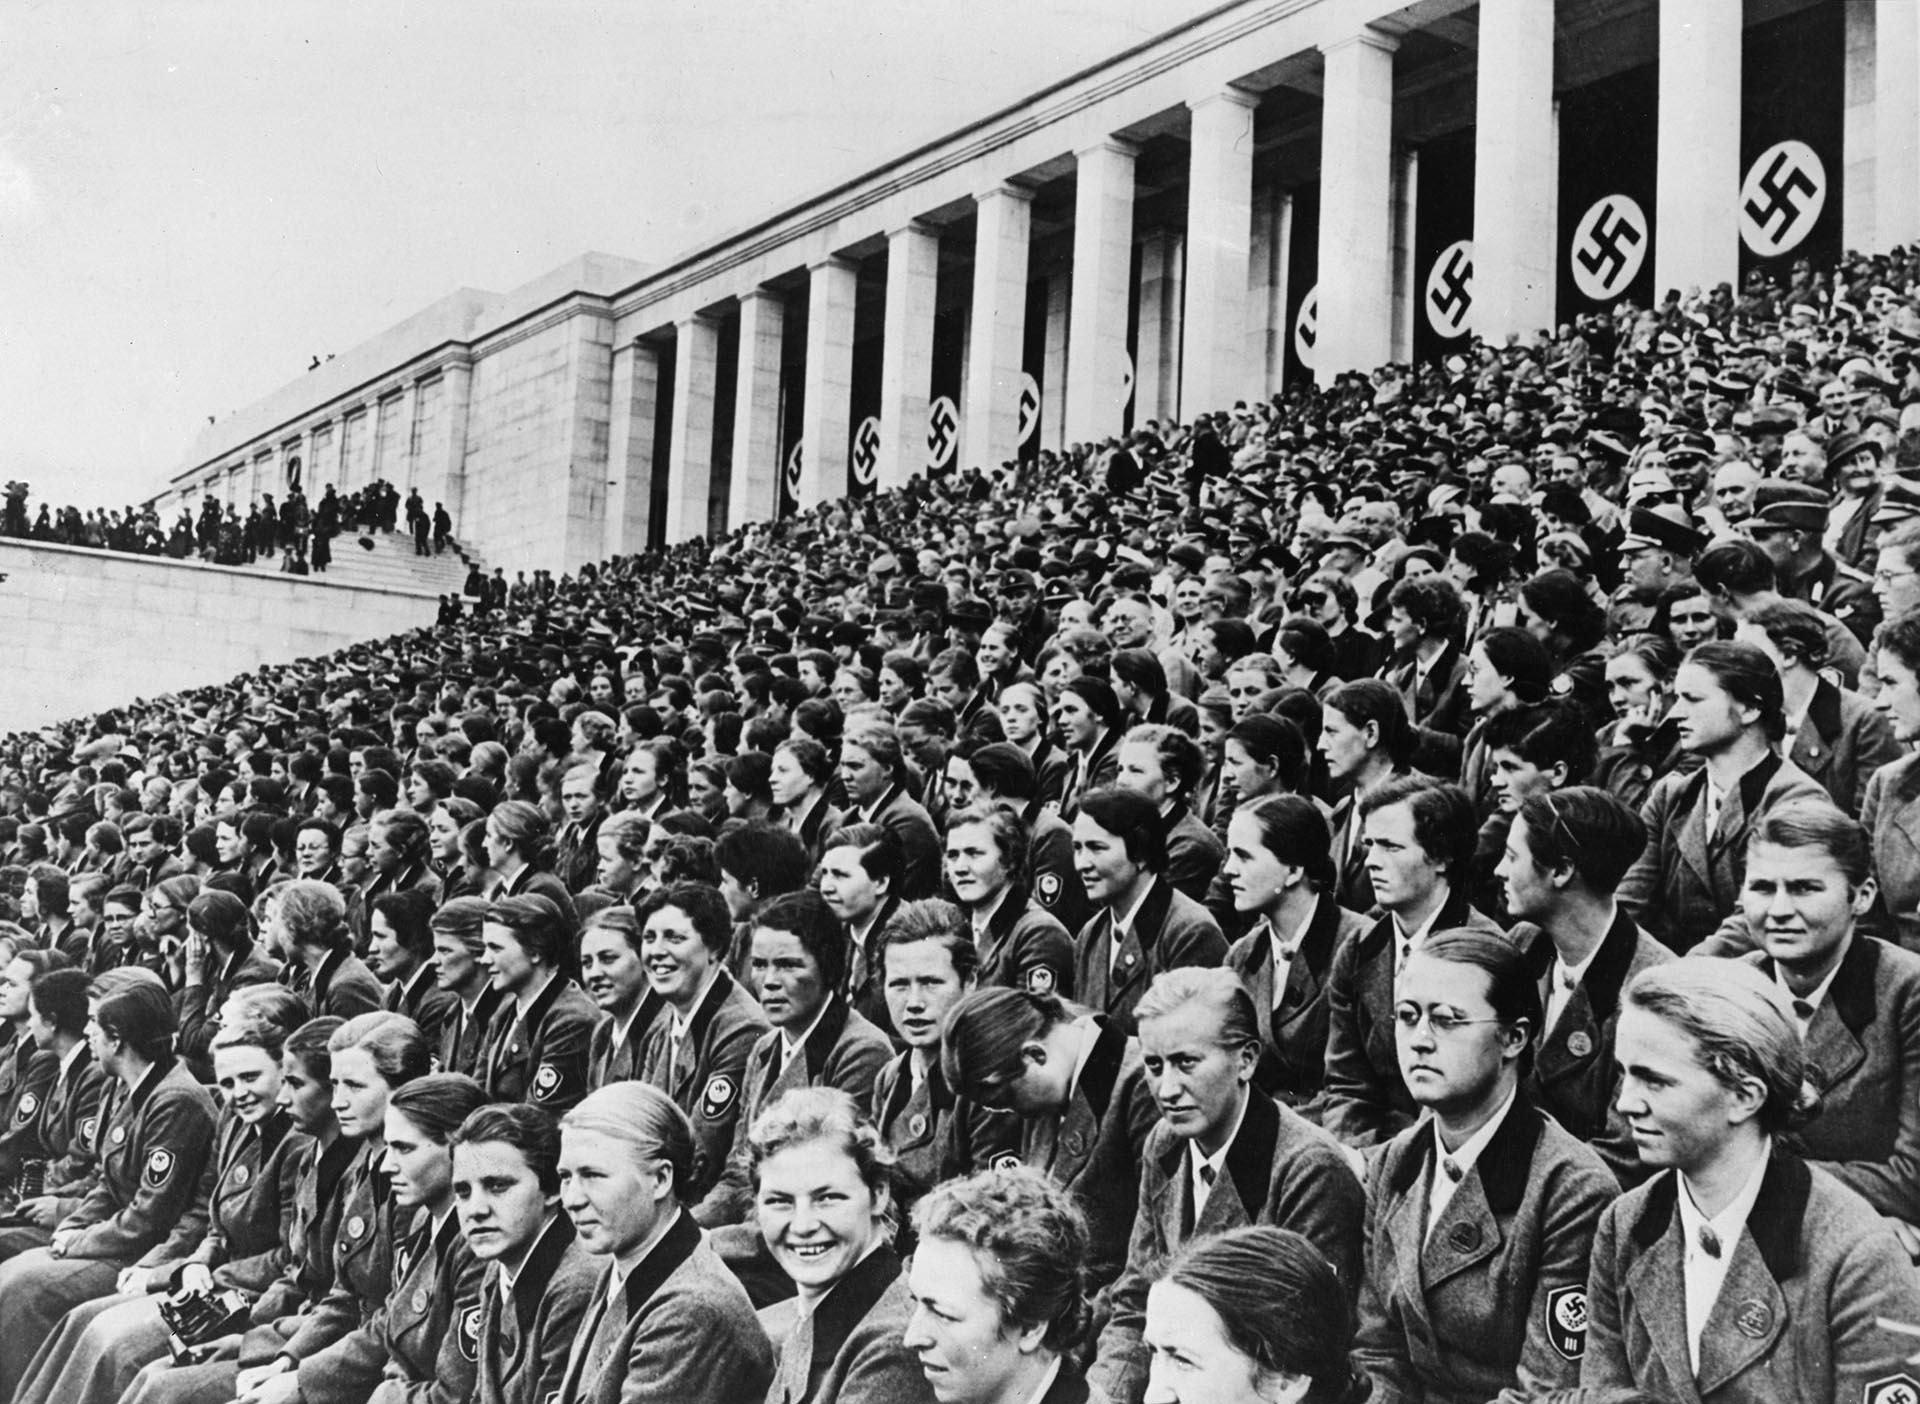 Una de las tribunas del Campo de Zepellín durante un acto nazi en 1935 (Getty Images)